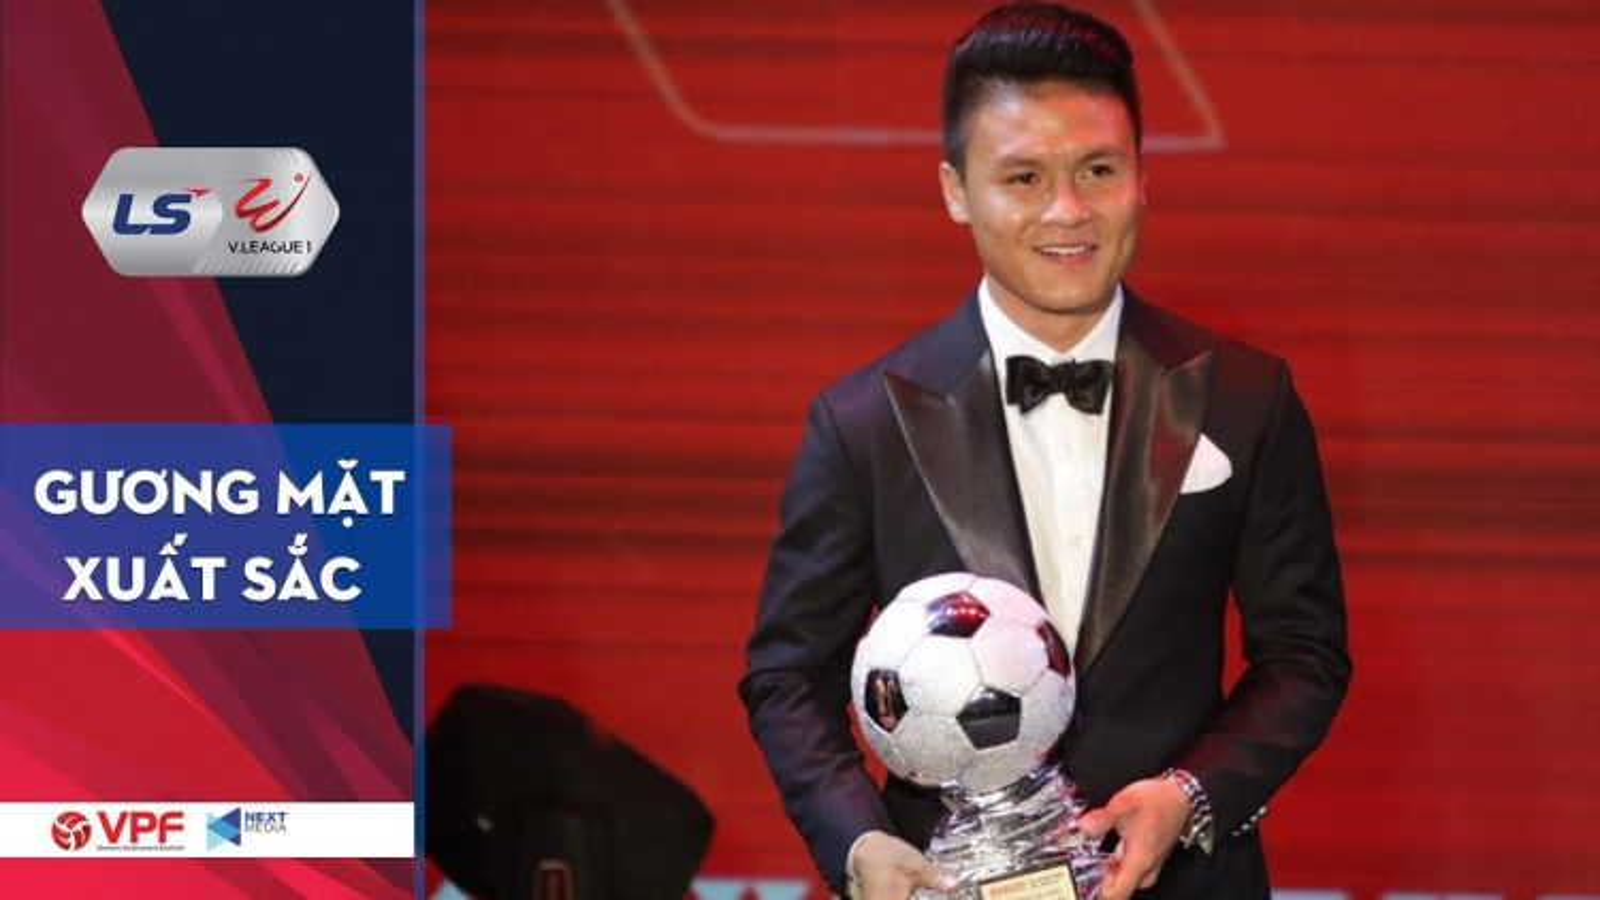 Quang Hải và hành trình tới danh hiệu Quả bóng Bạc Việt Nam 2019